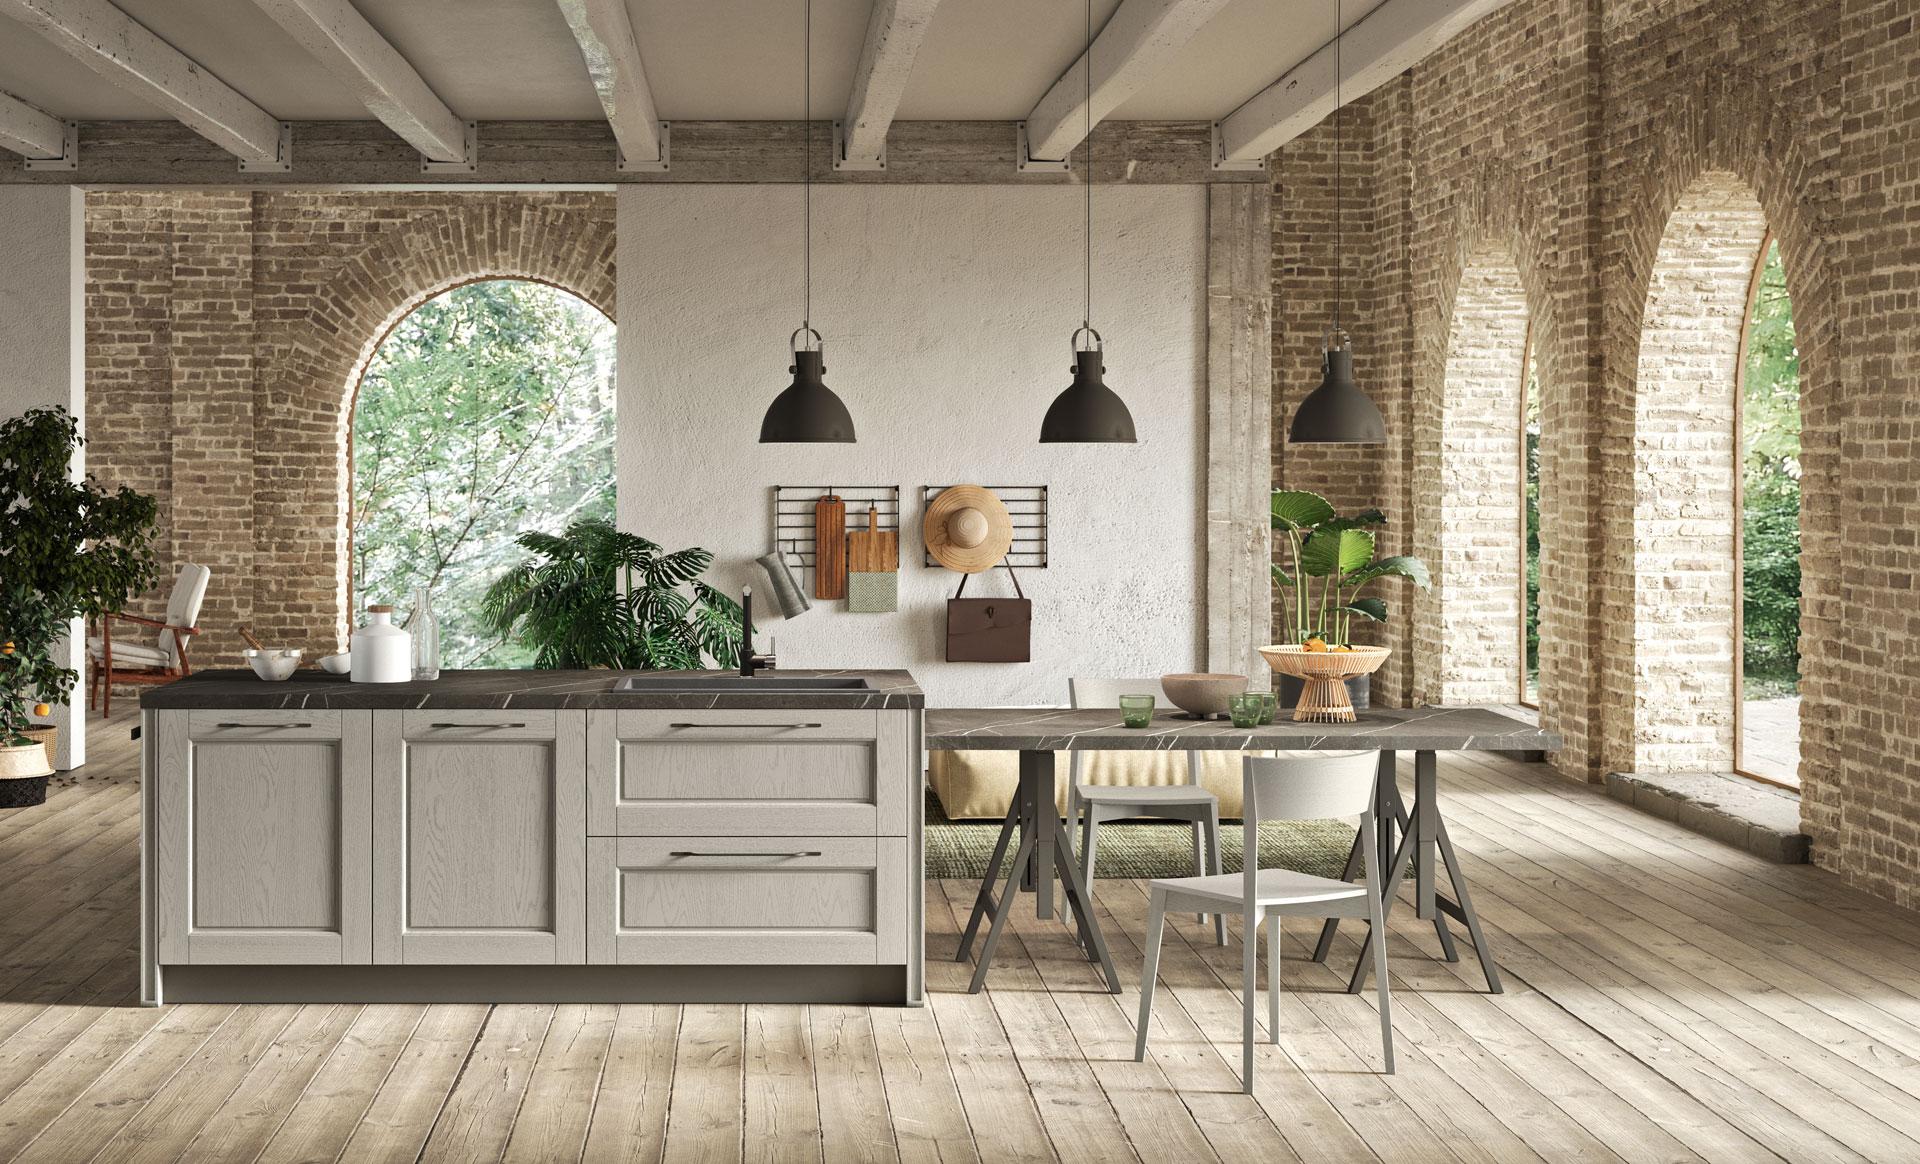 L arredamento vintage in cucina antares - Cucina stile vintage ...